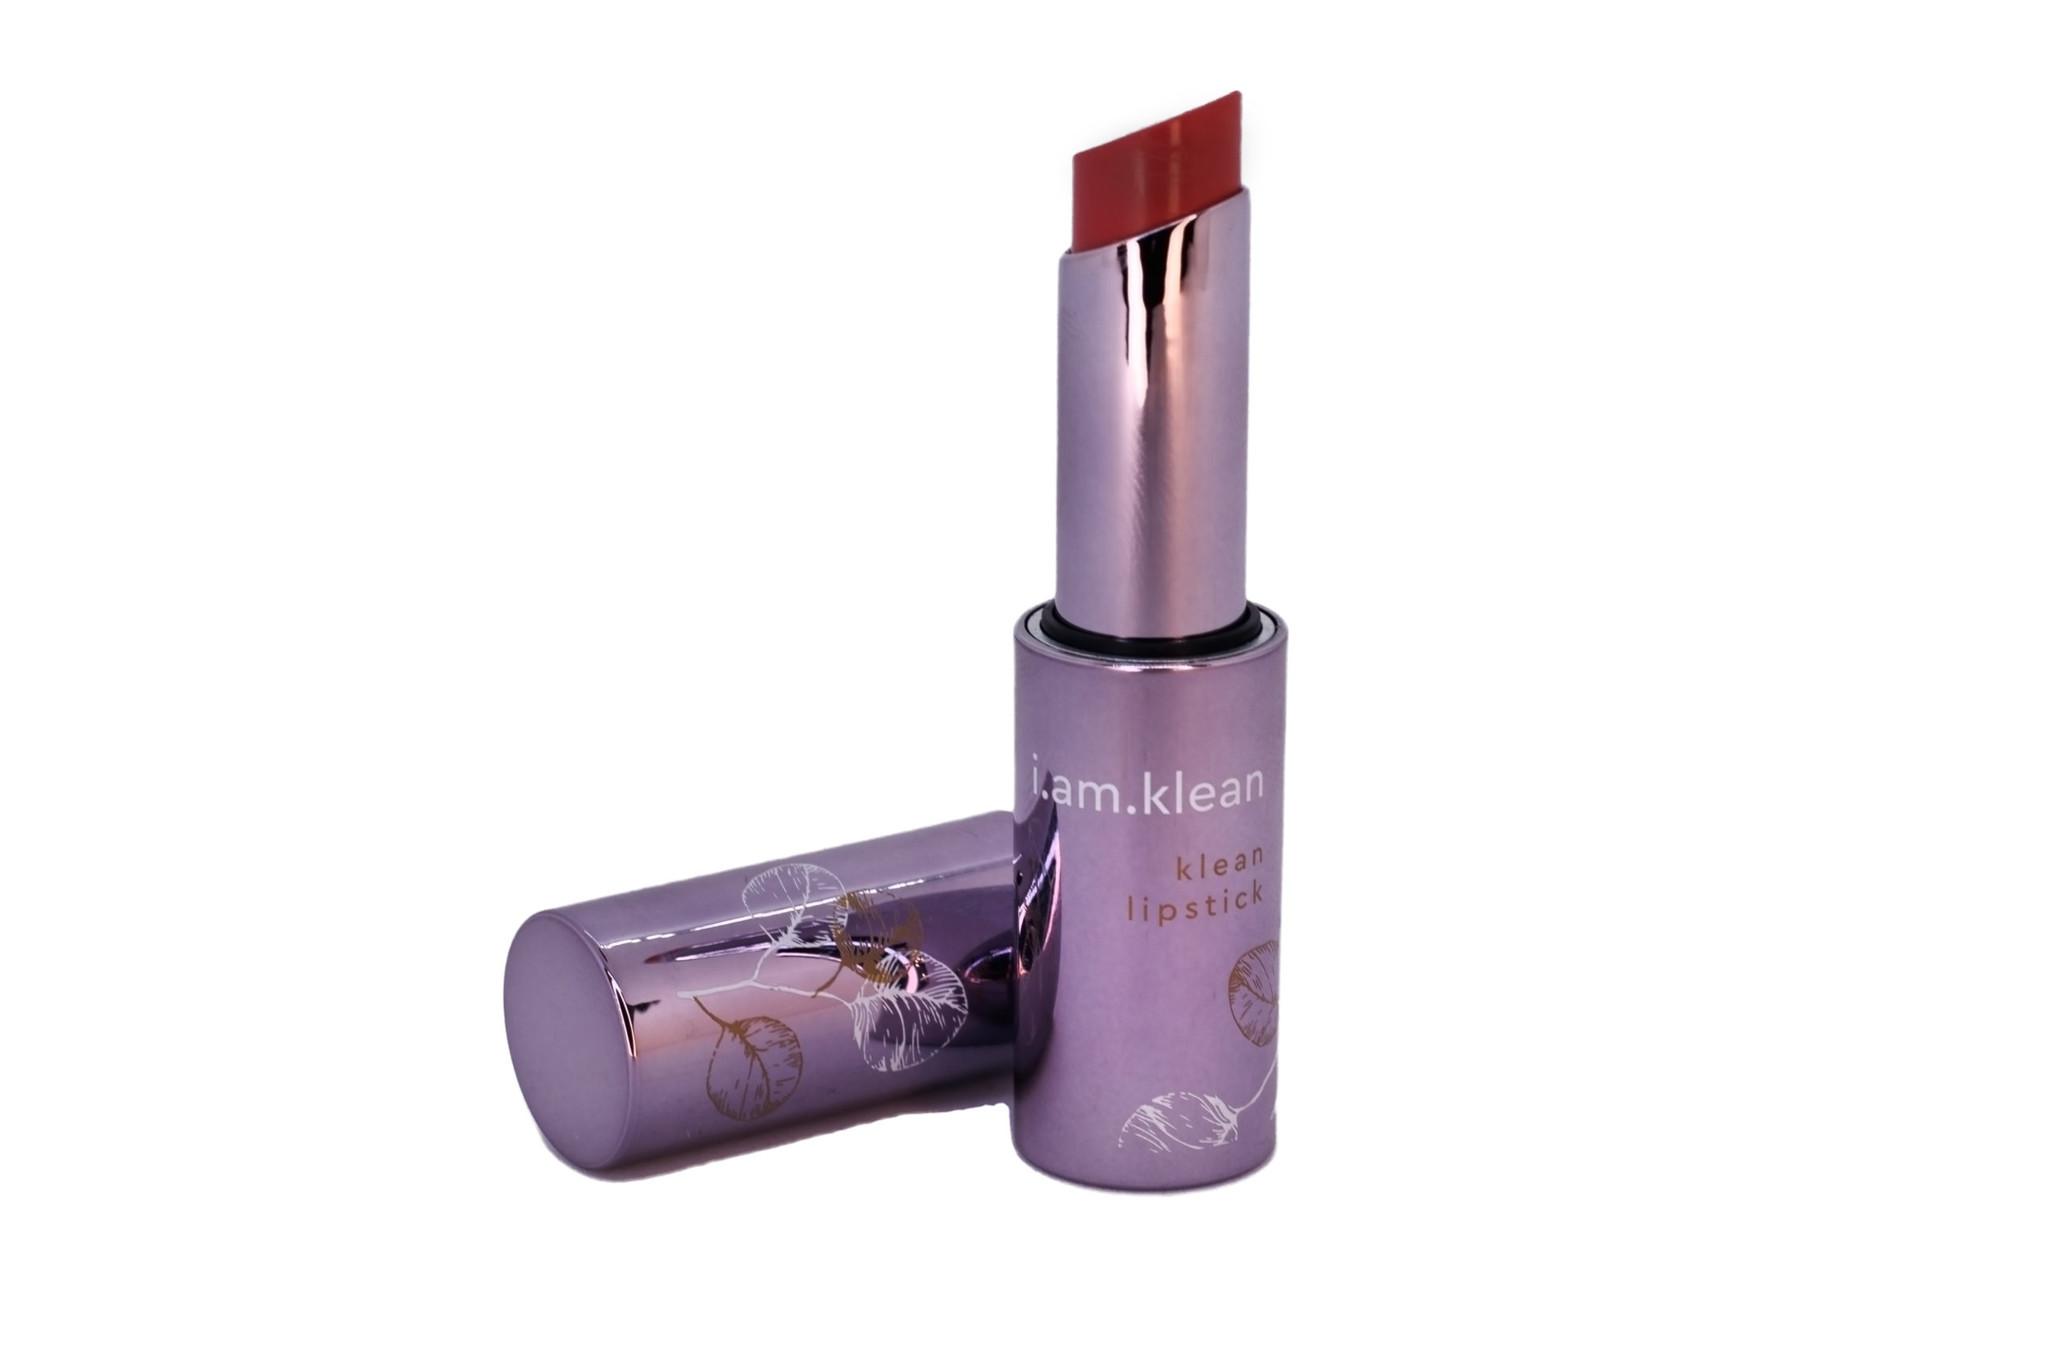 Klean Lipstick-2